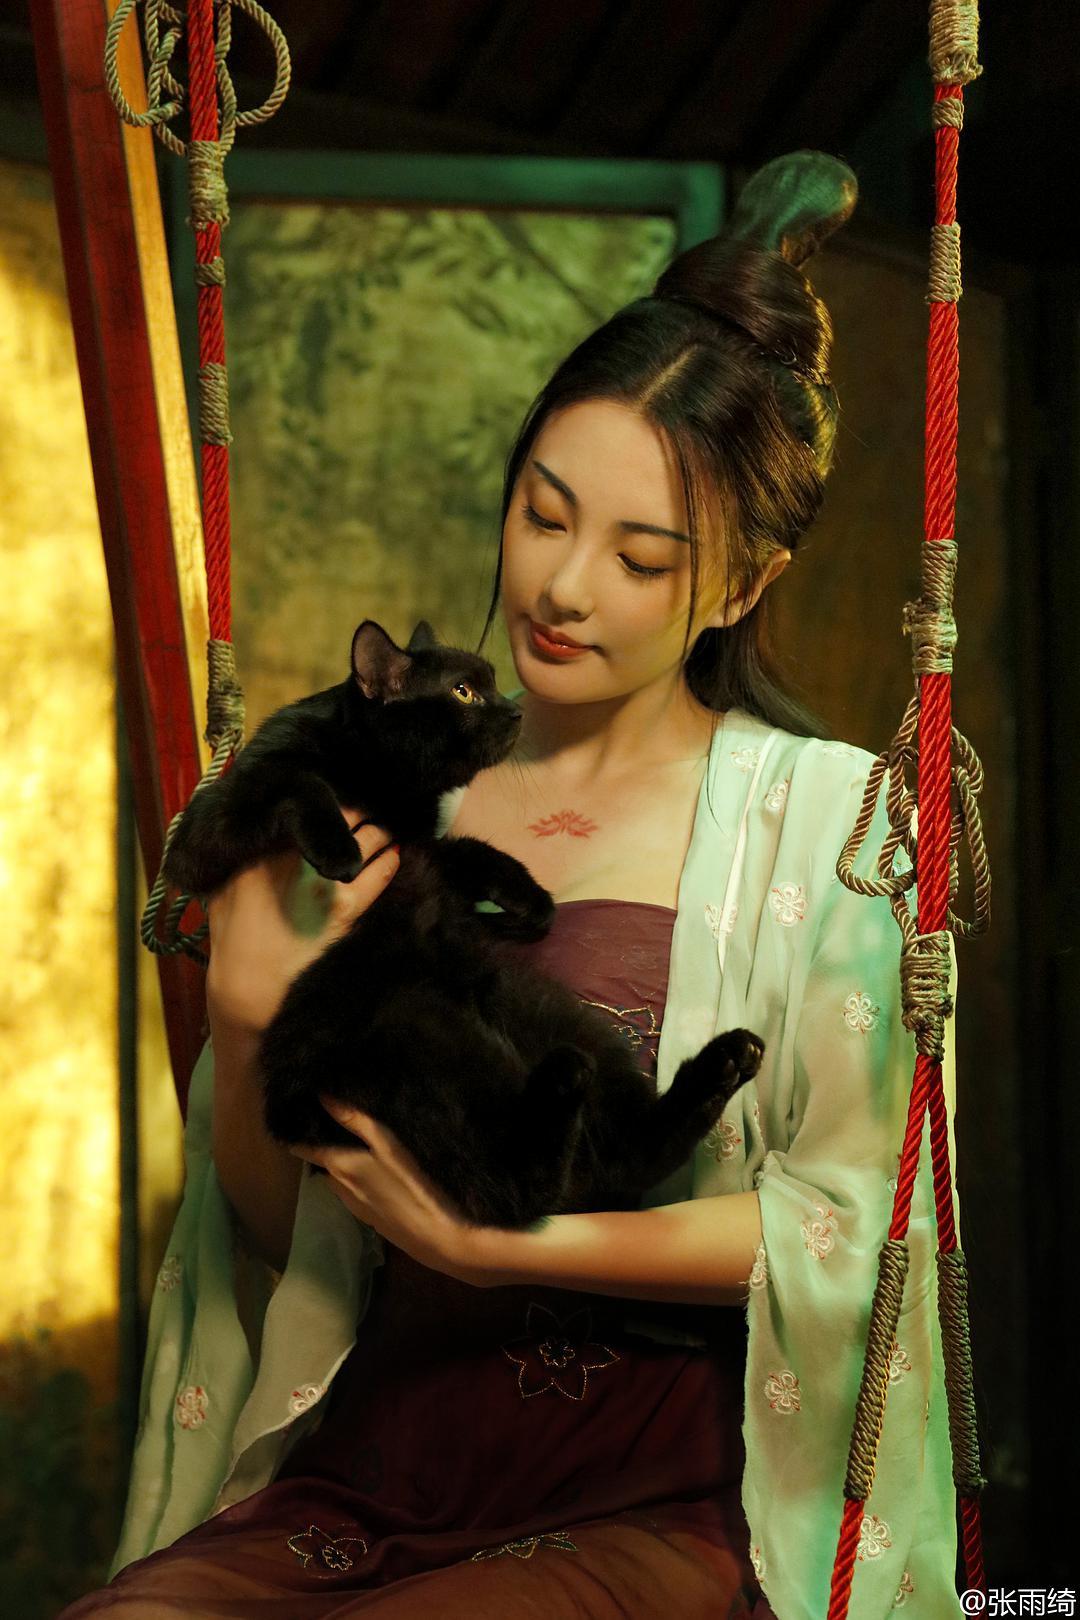 《妖猫传》再现大唐盛世,免费在线观看完整版攻略